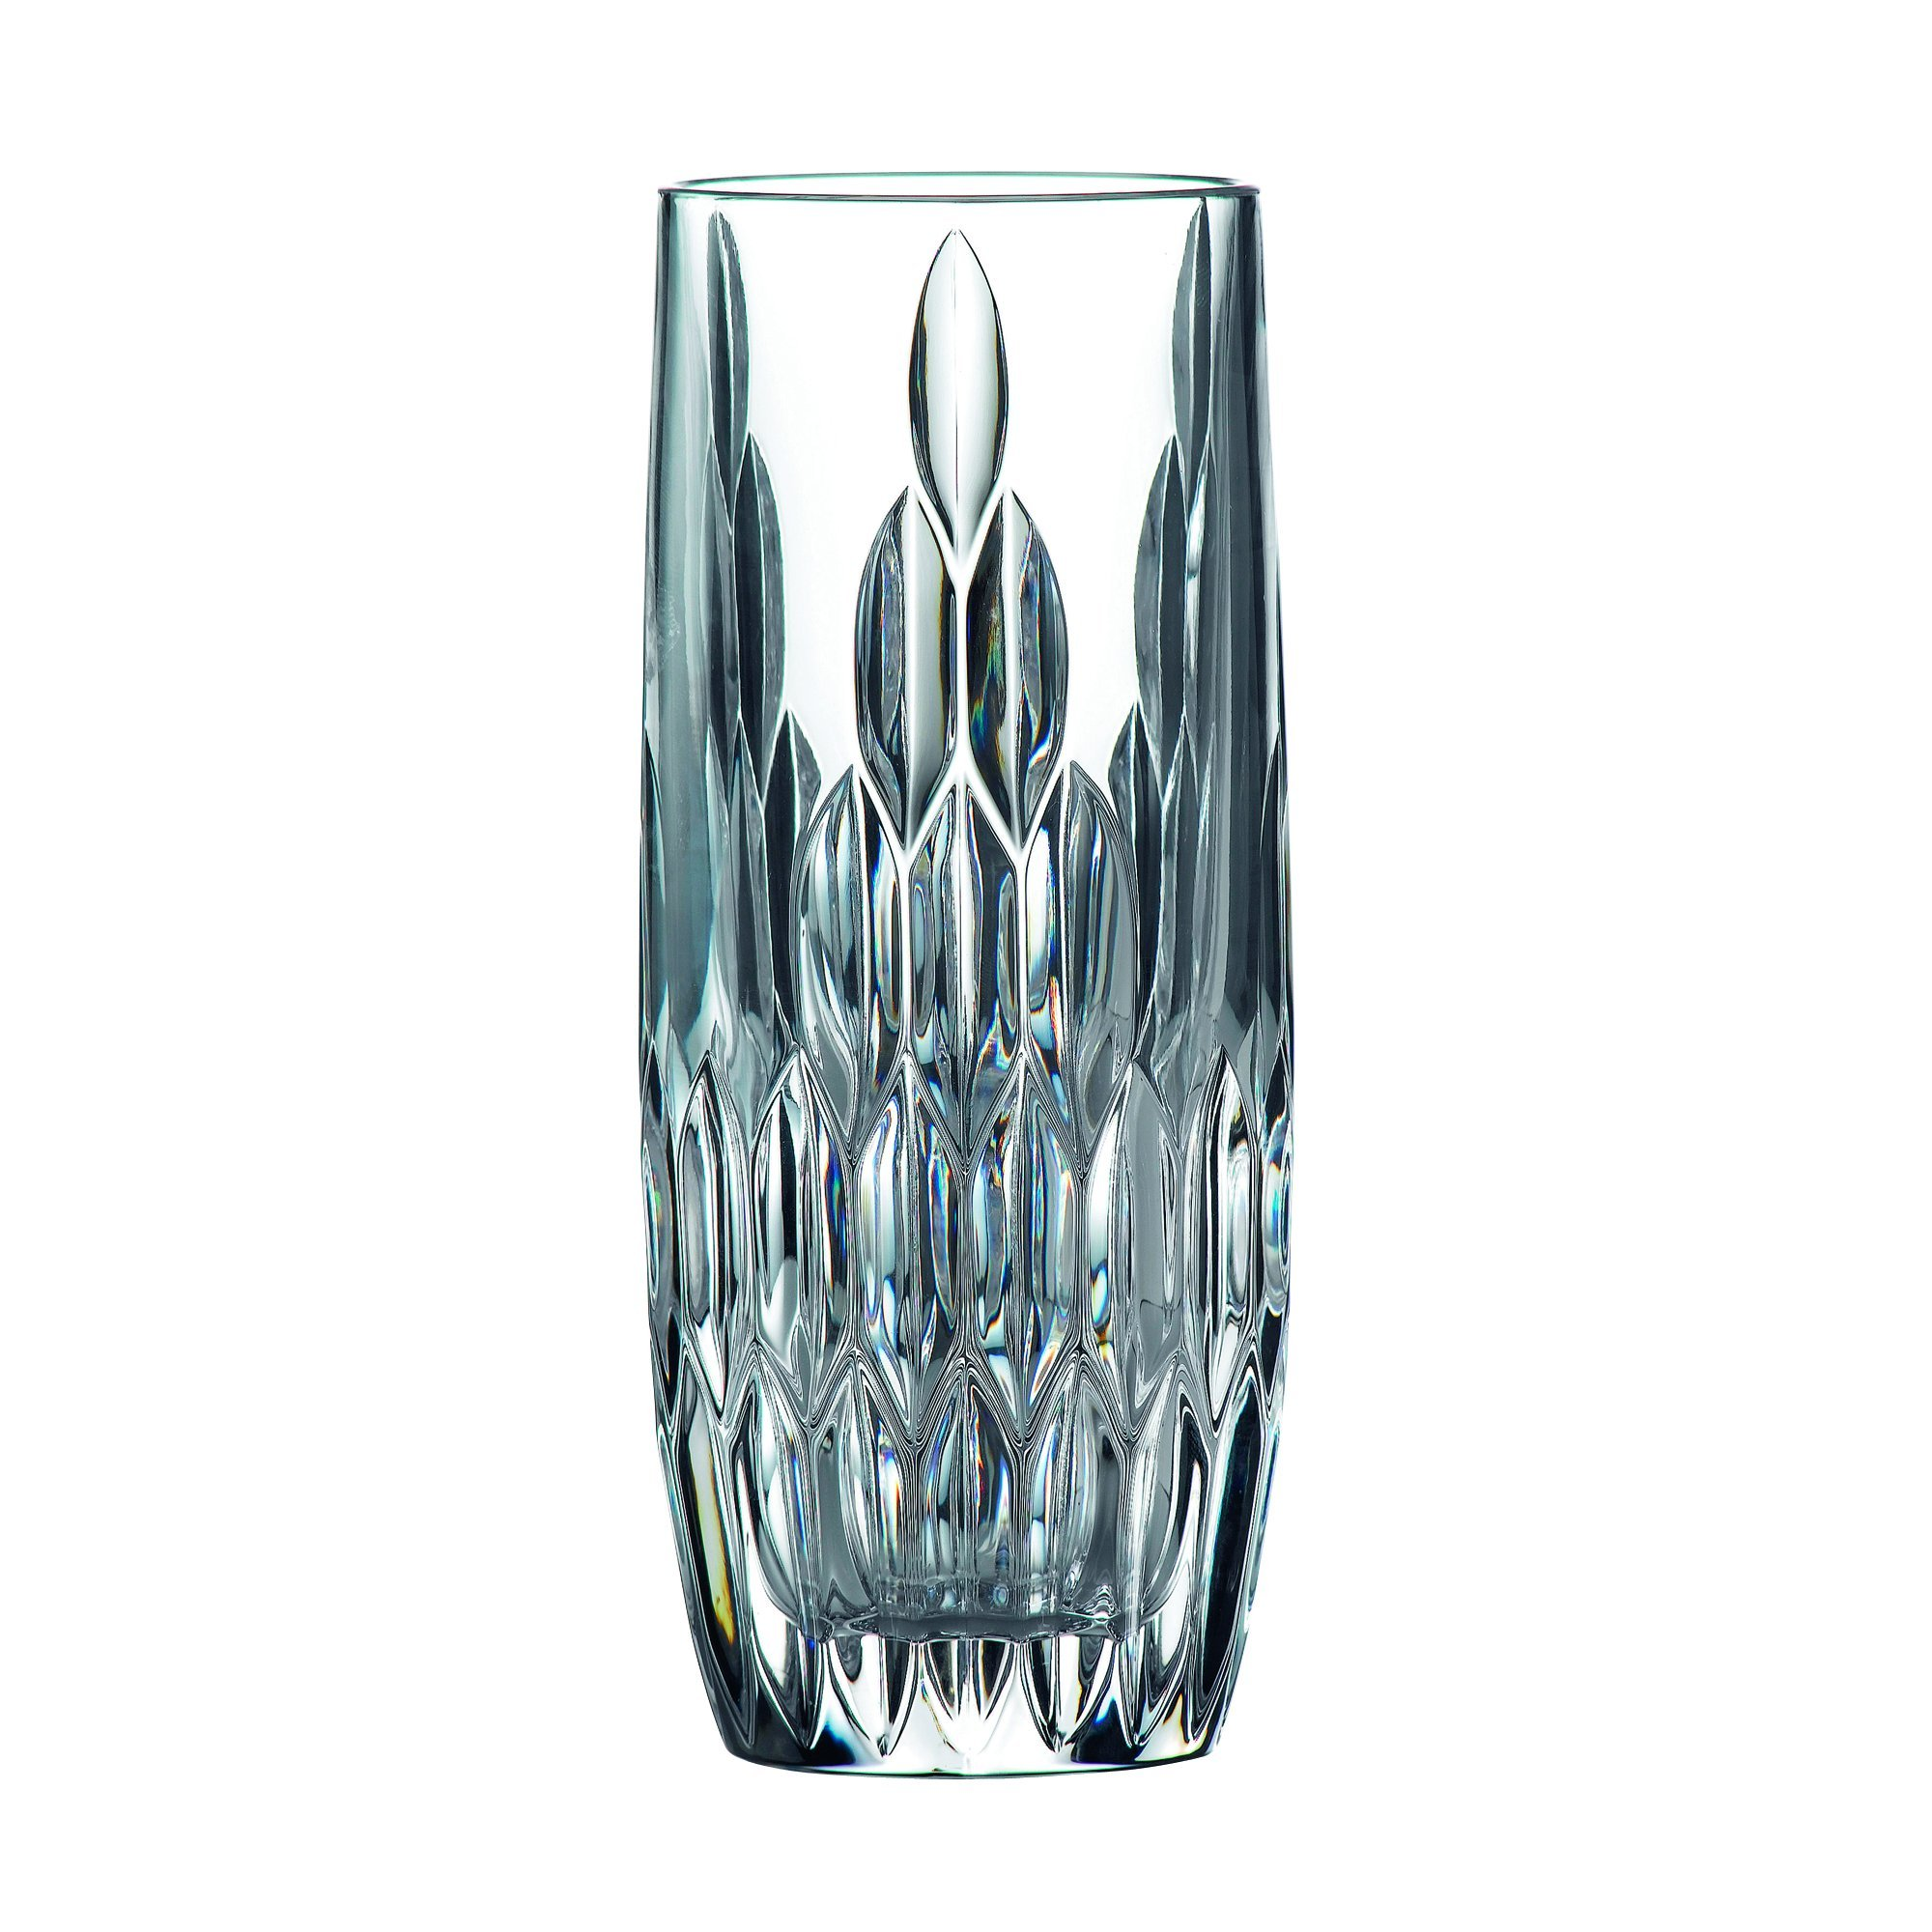 Royal Doulton Royal Doulton Retro Stemware Glass Set